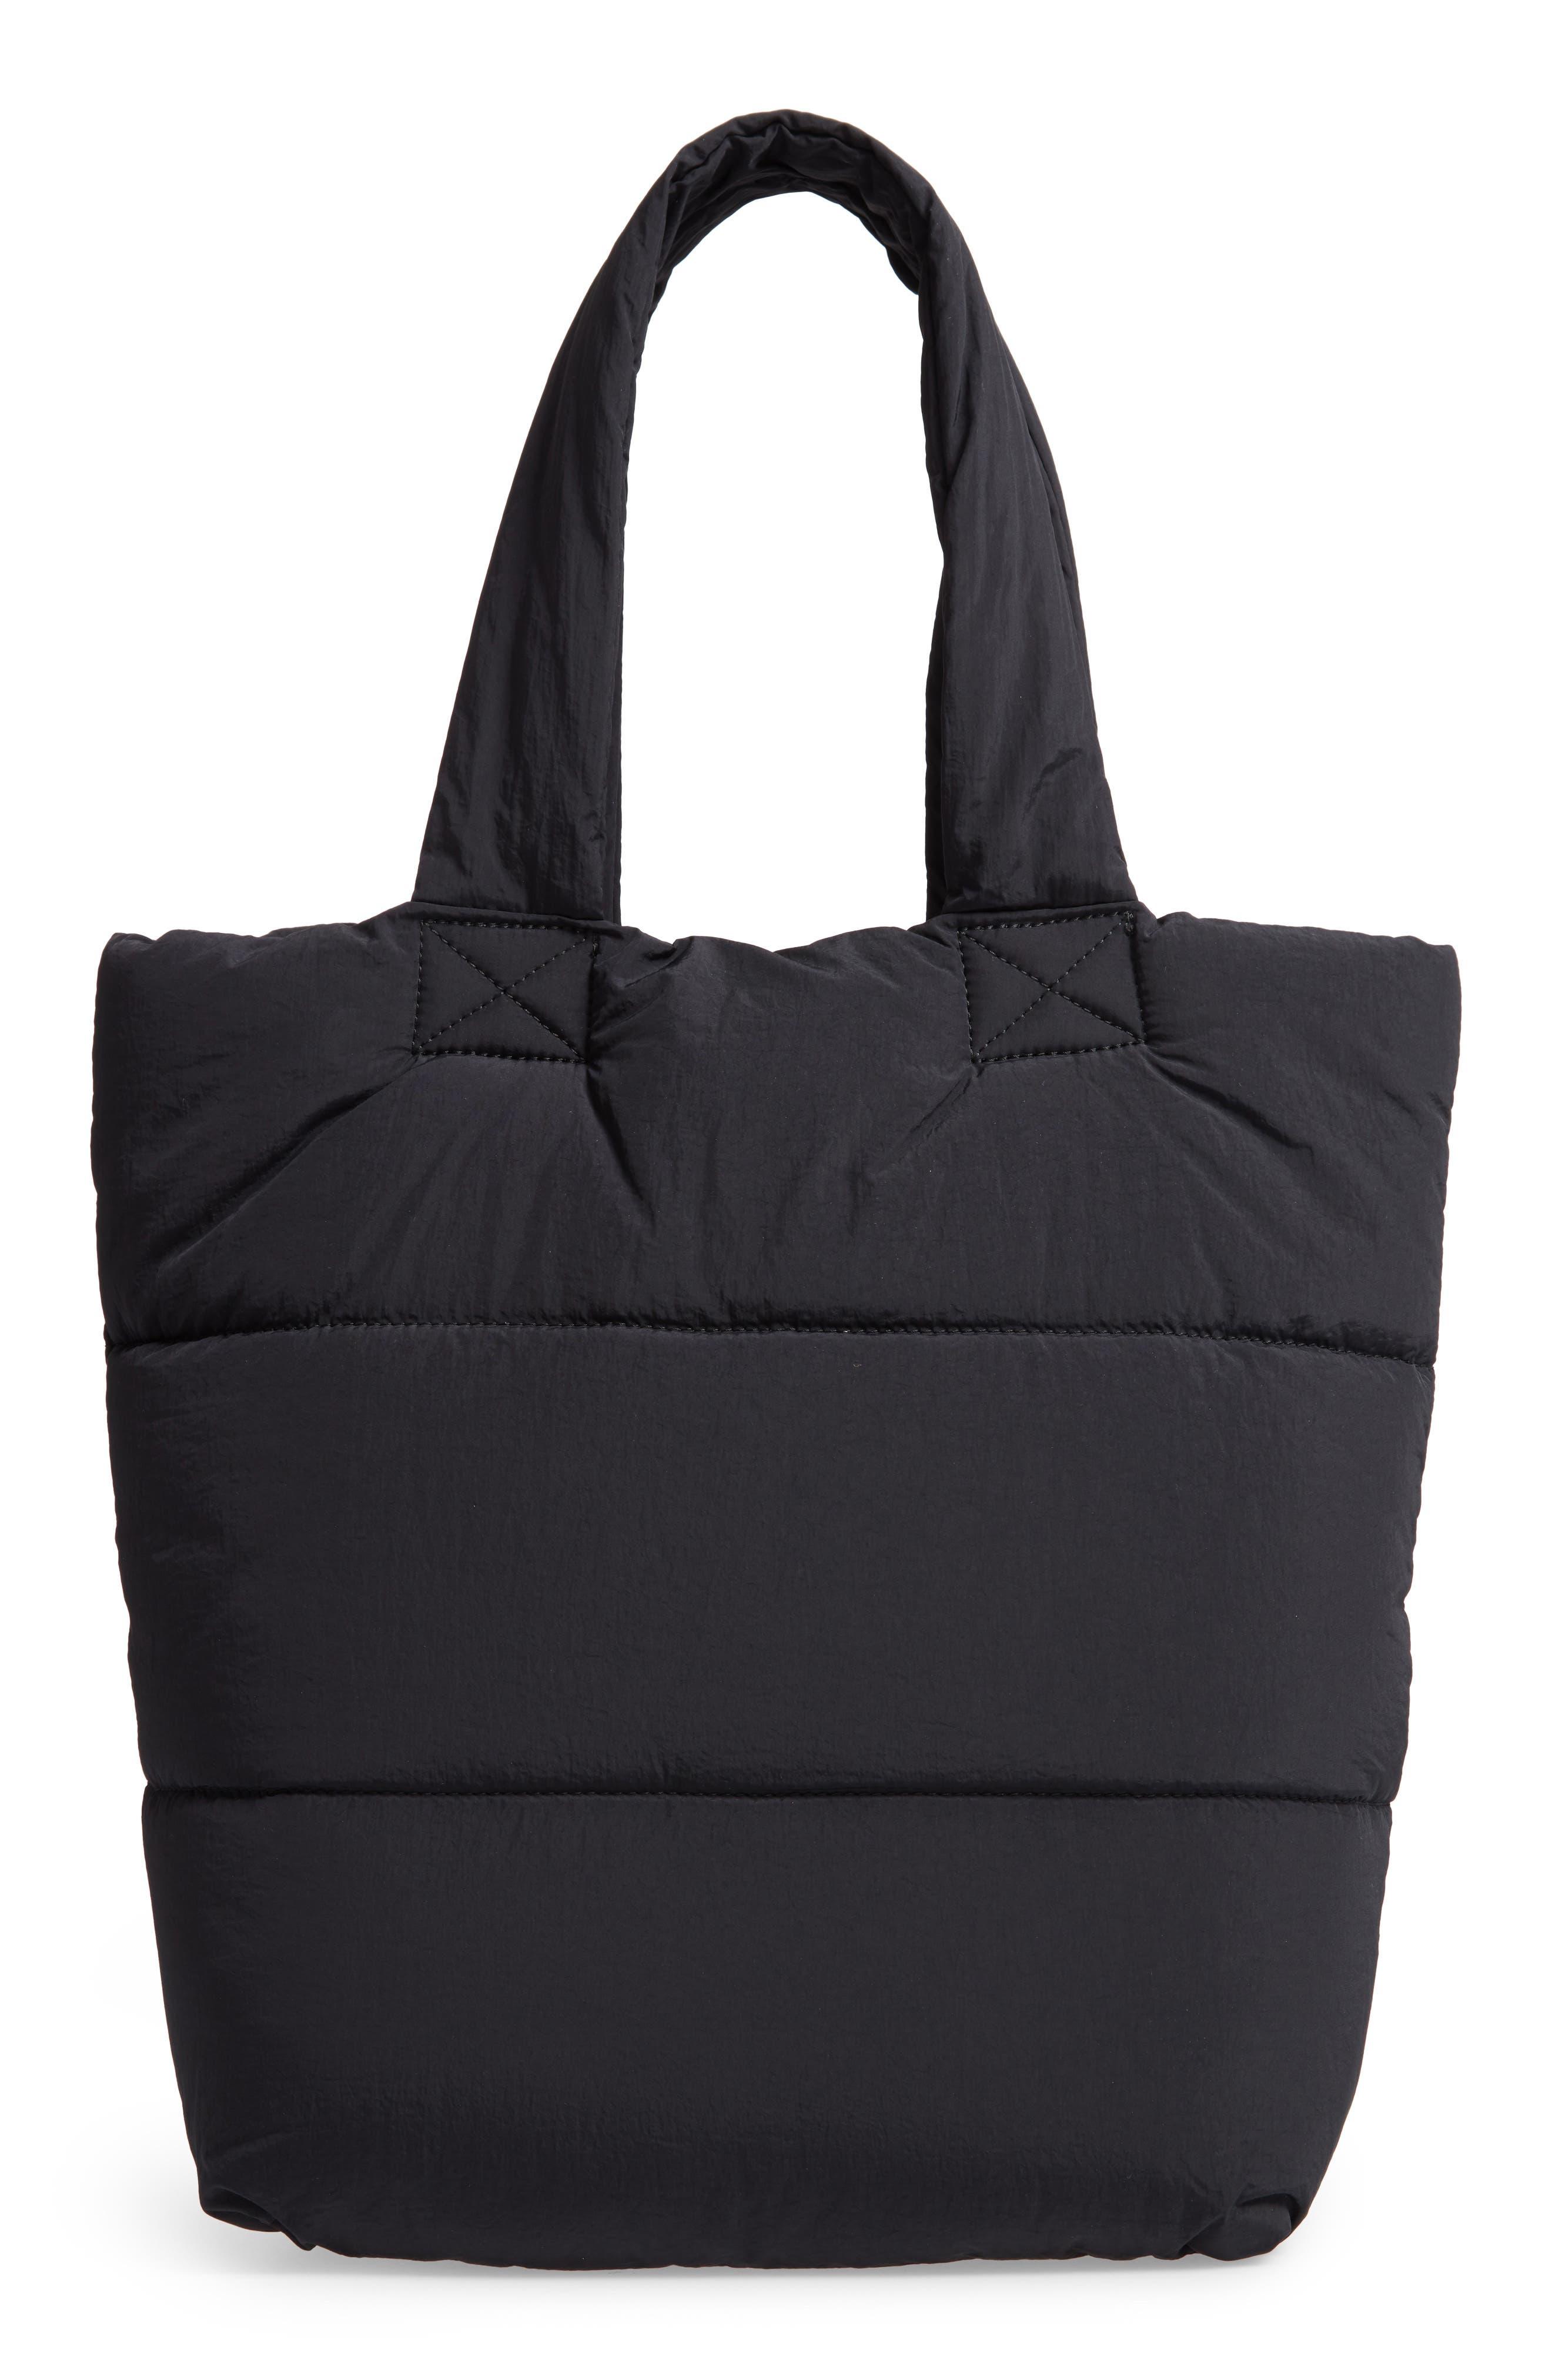 Peri Nylon Tote,                         Main,                         color, BLACK